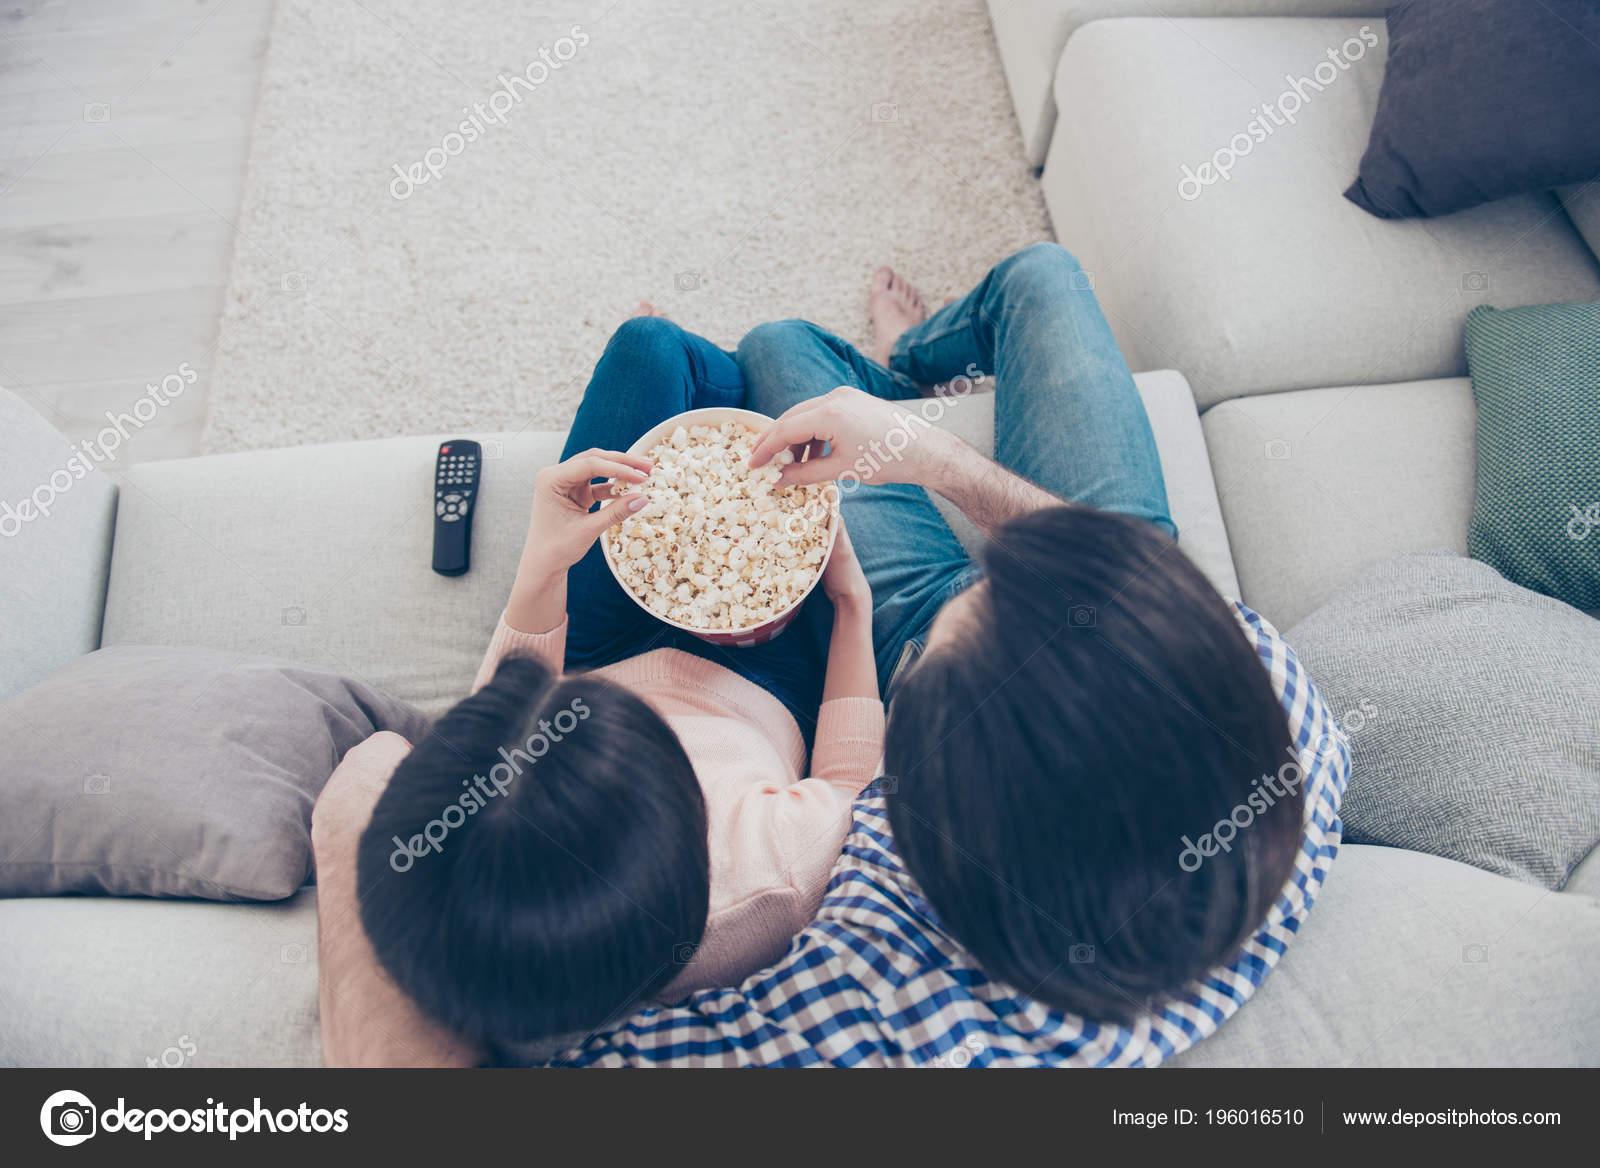 Salotto Di Romantica.Ritratto Vista Superiore Della Romantica Coppia Trendy